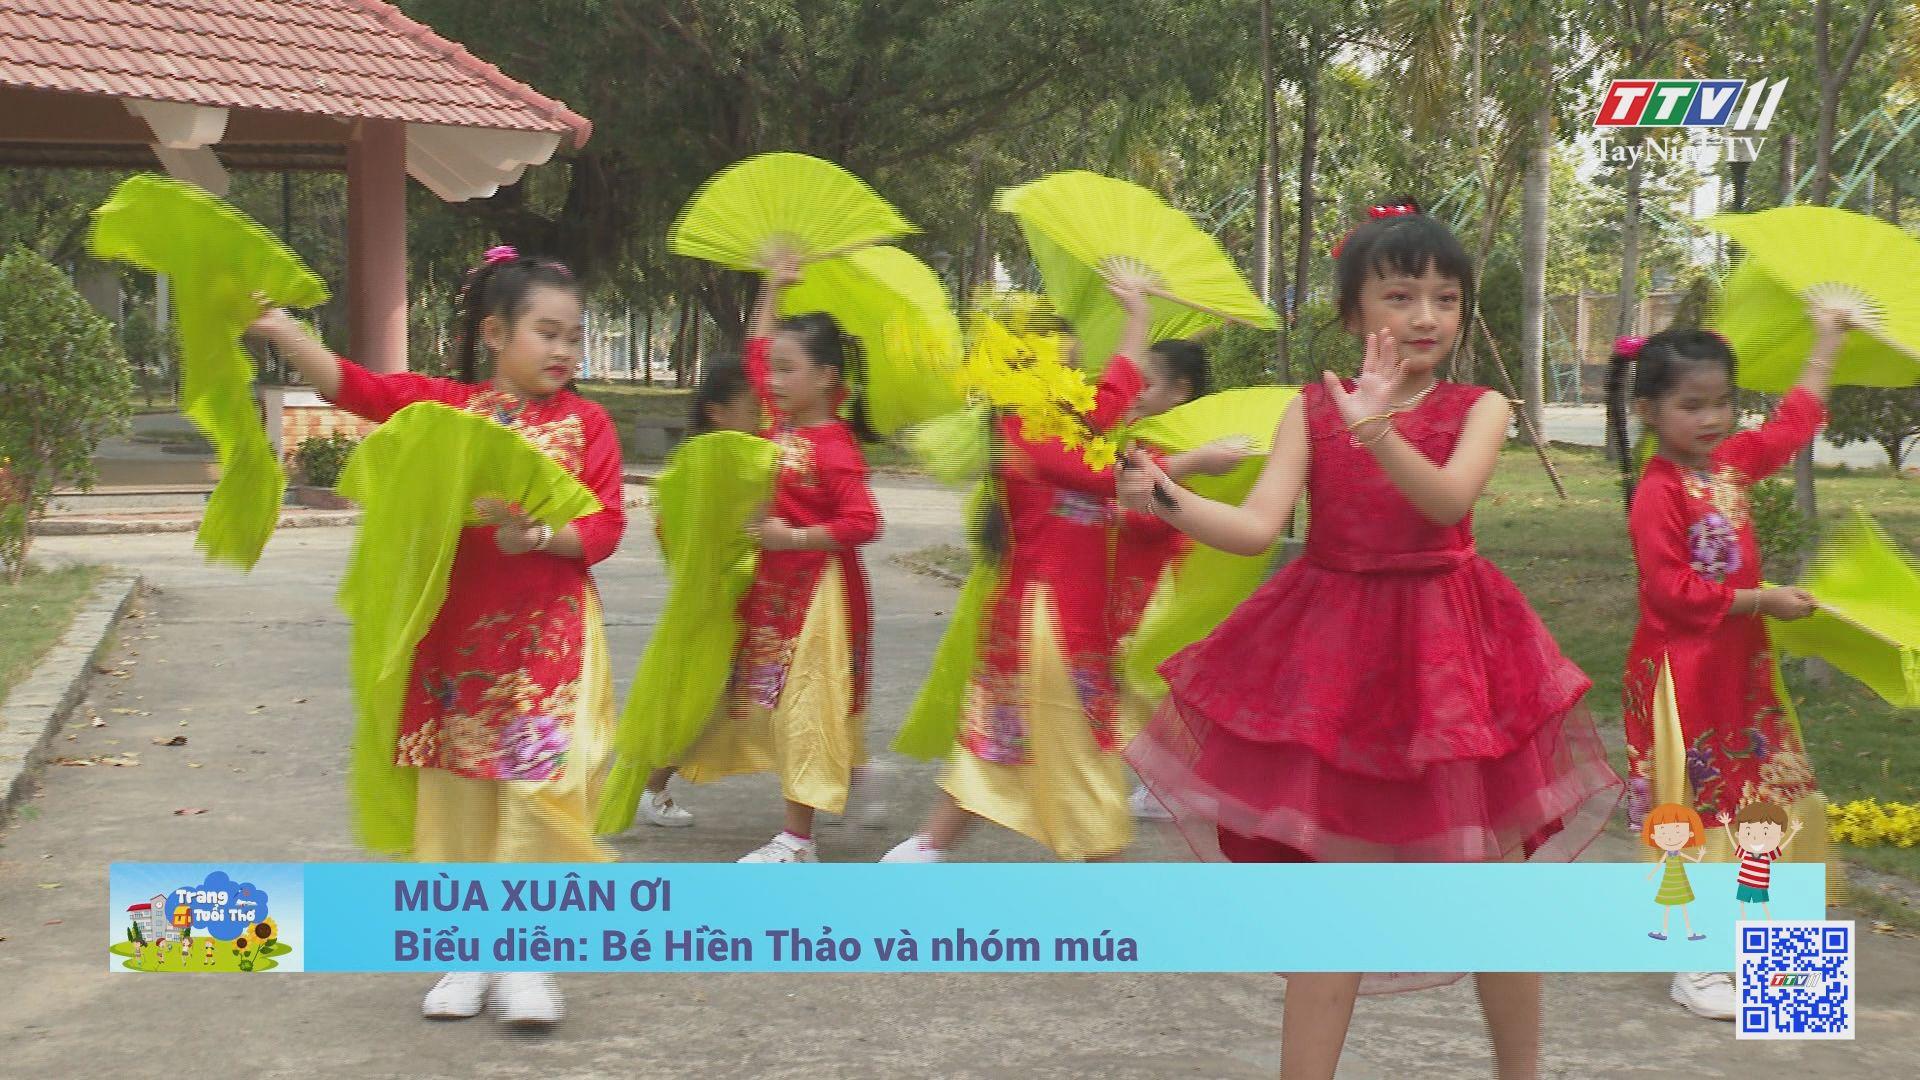 Mùa xuân ơi | TRANG TUỔI THƠ | TayNinhTV